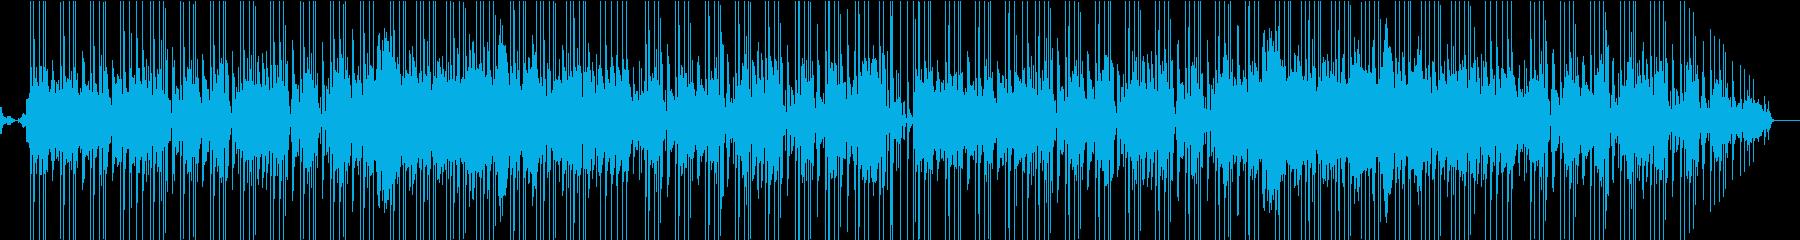 ほのぼの陽気な雰囲気のポップスの再生済みの波形